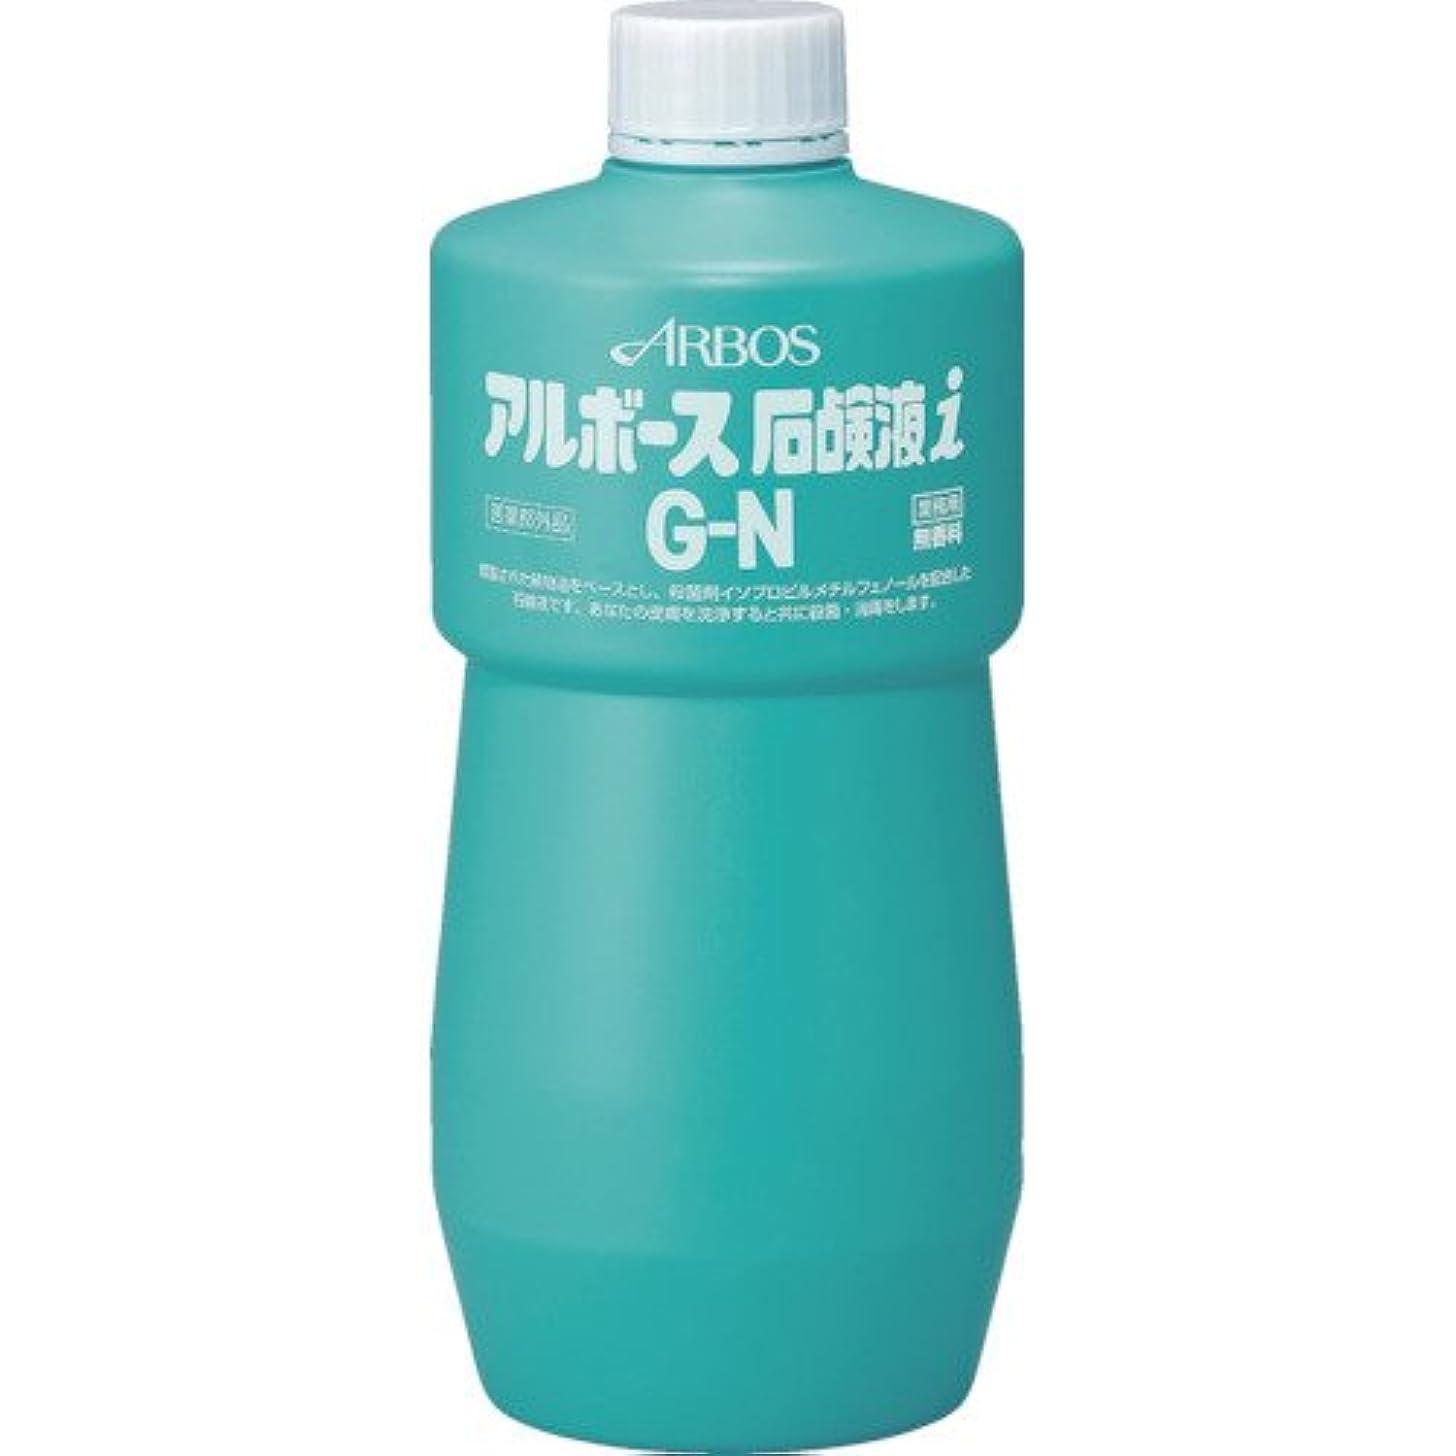 崩壊カジュアル第アルボース石鹸液iGN 1G [医薬部外品]